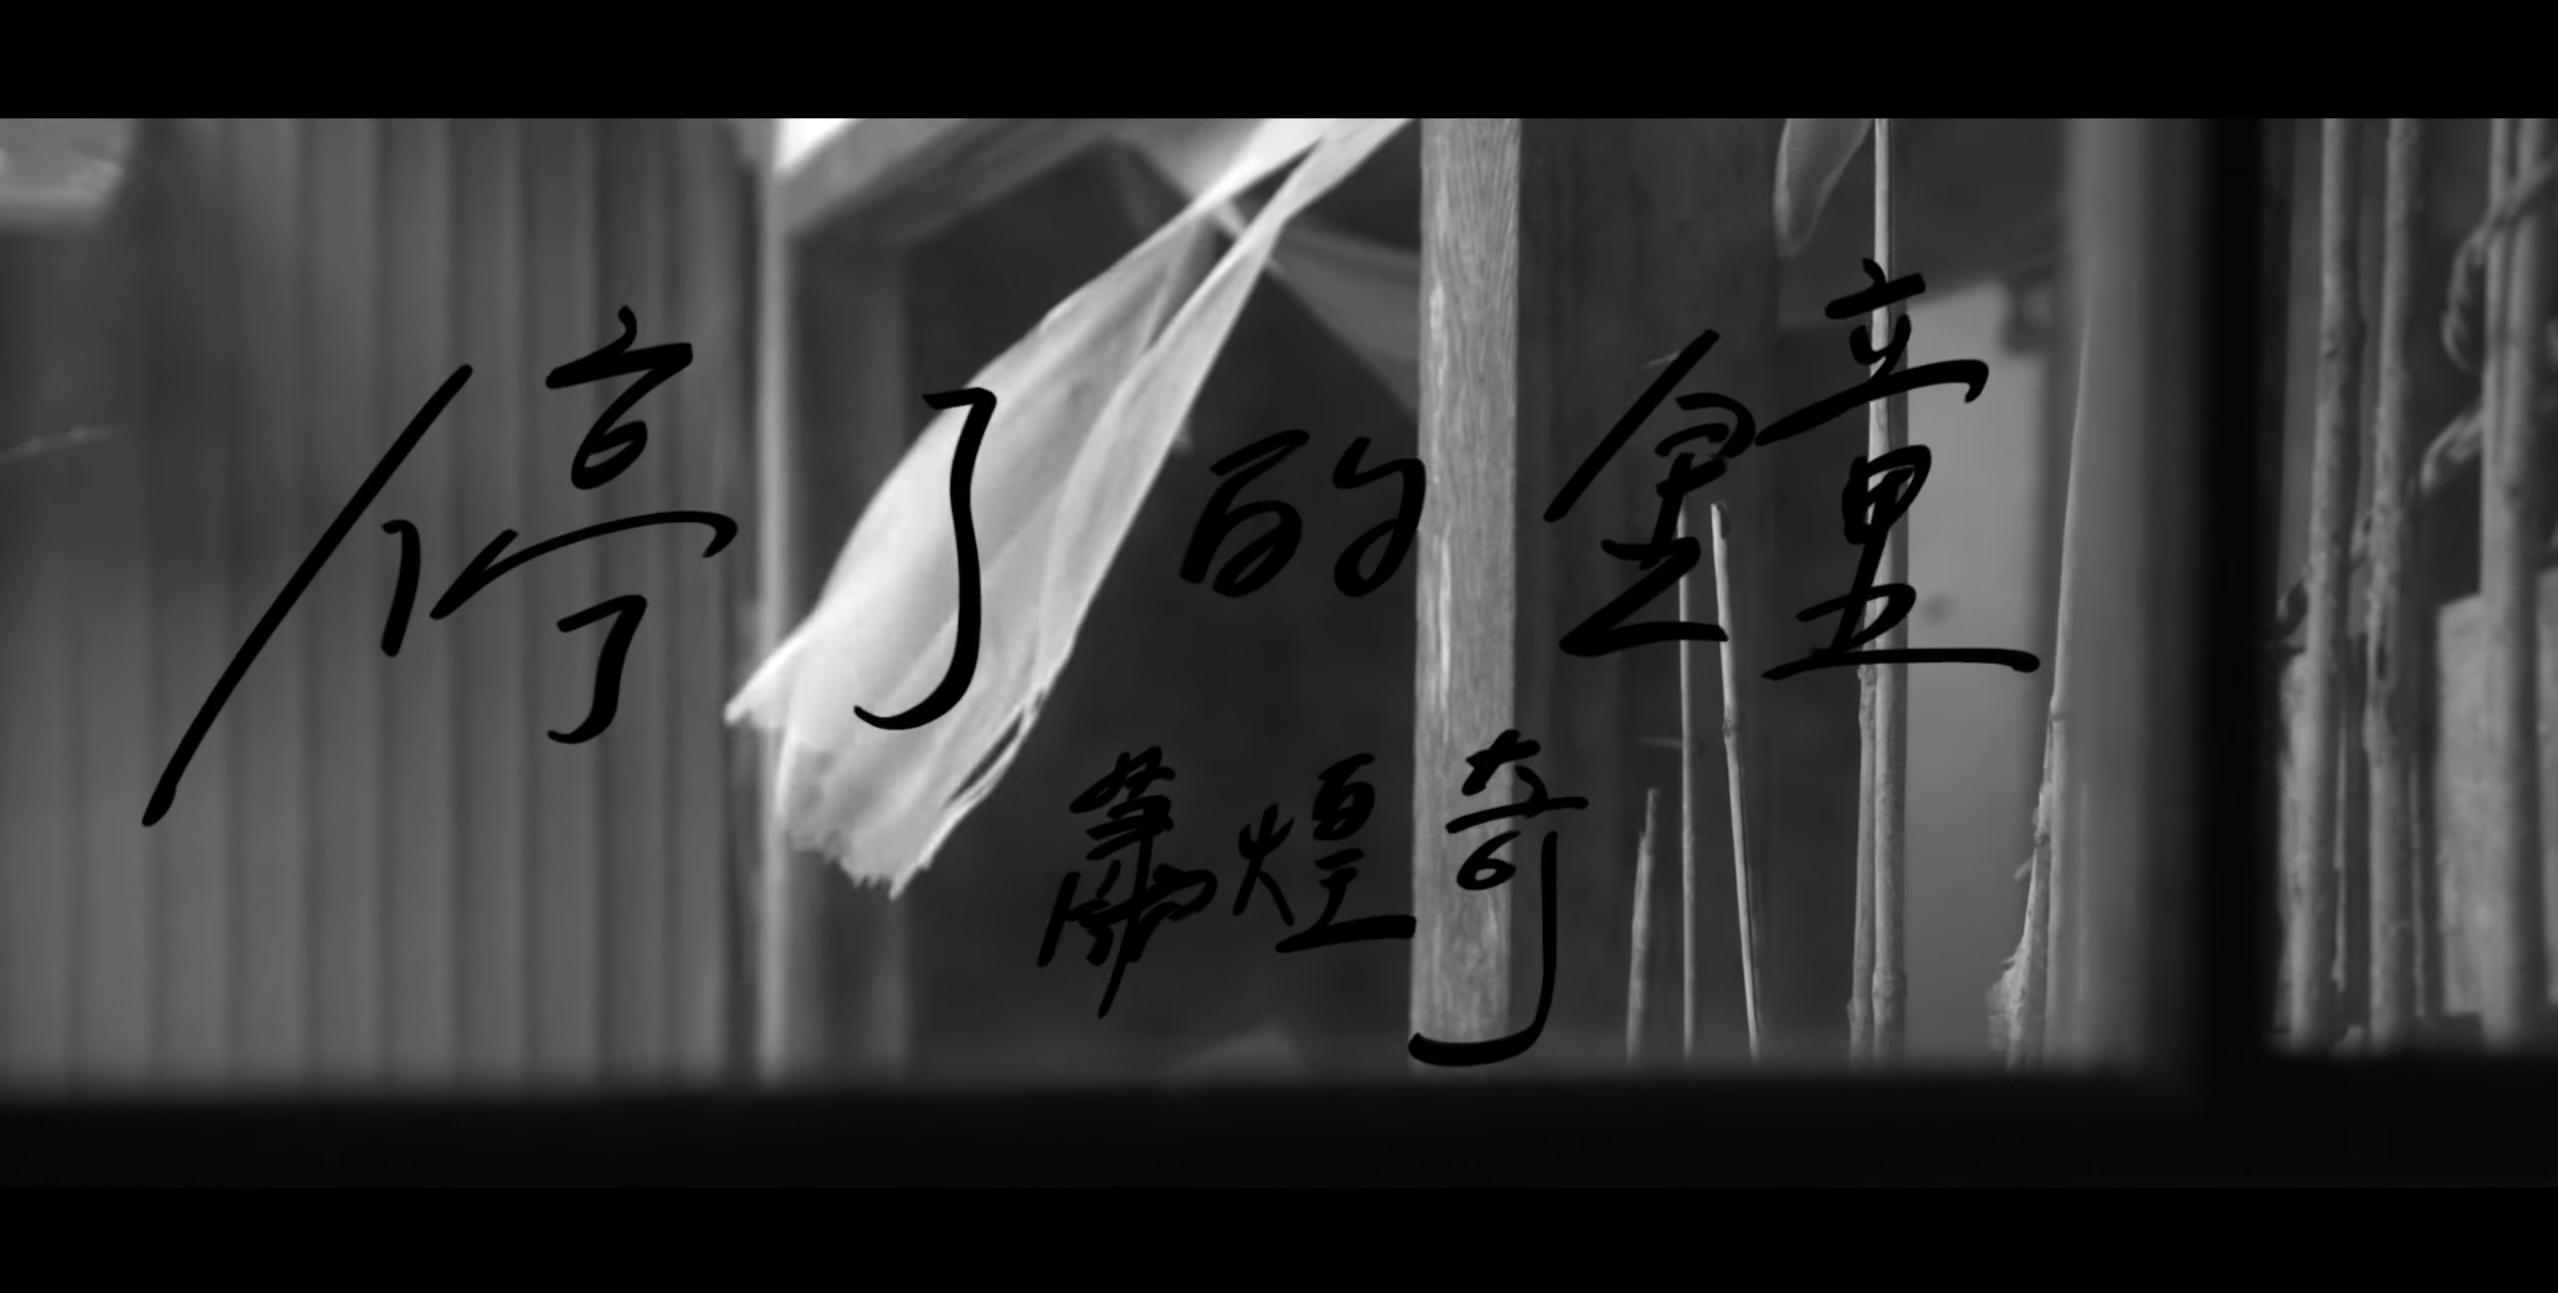 蕭煌奇「停了的鐘」